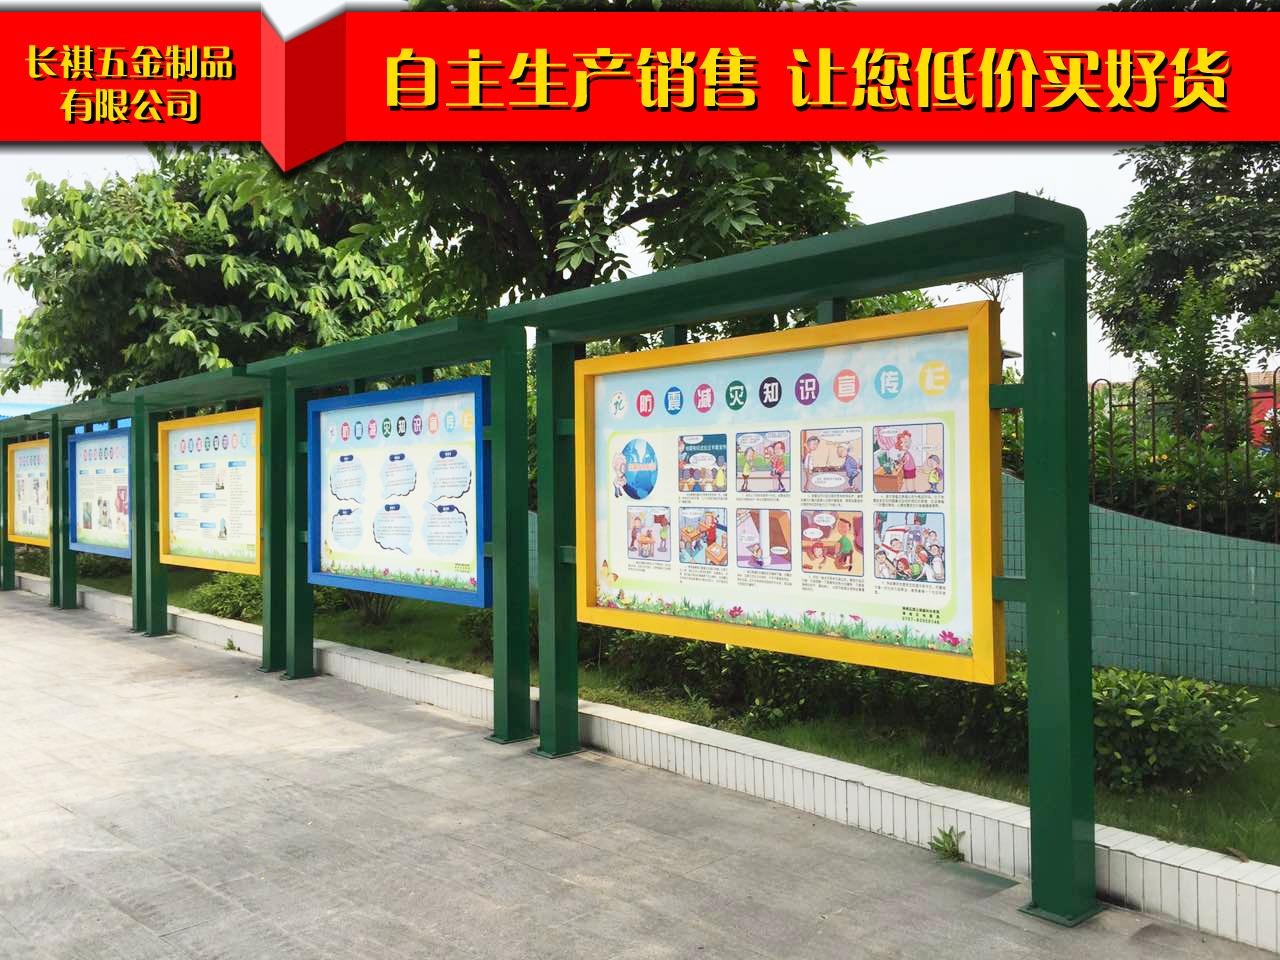 不锈钢彩色户外宣传栏  校园小区通知栏 学校幼儿园公告栏 告示牌